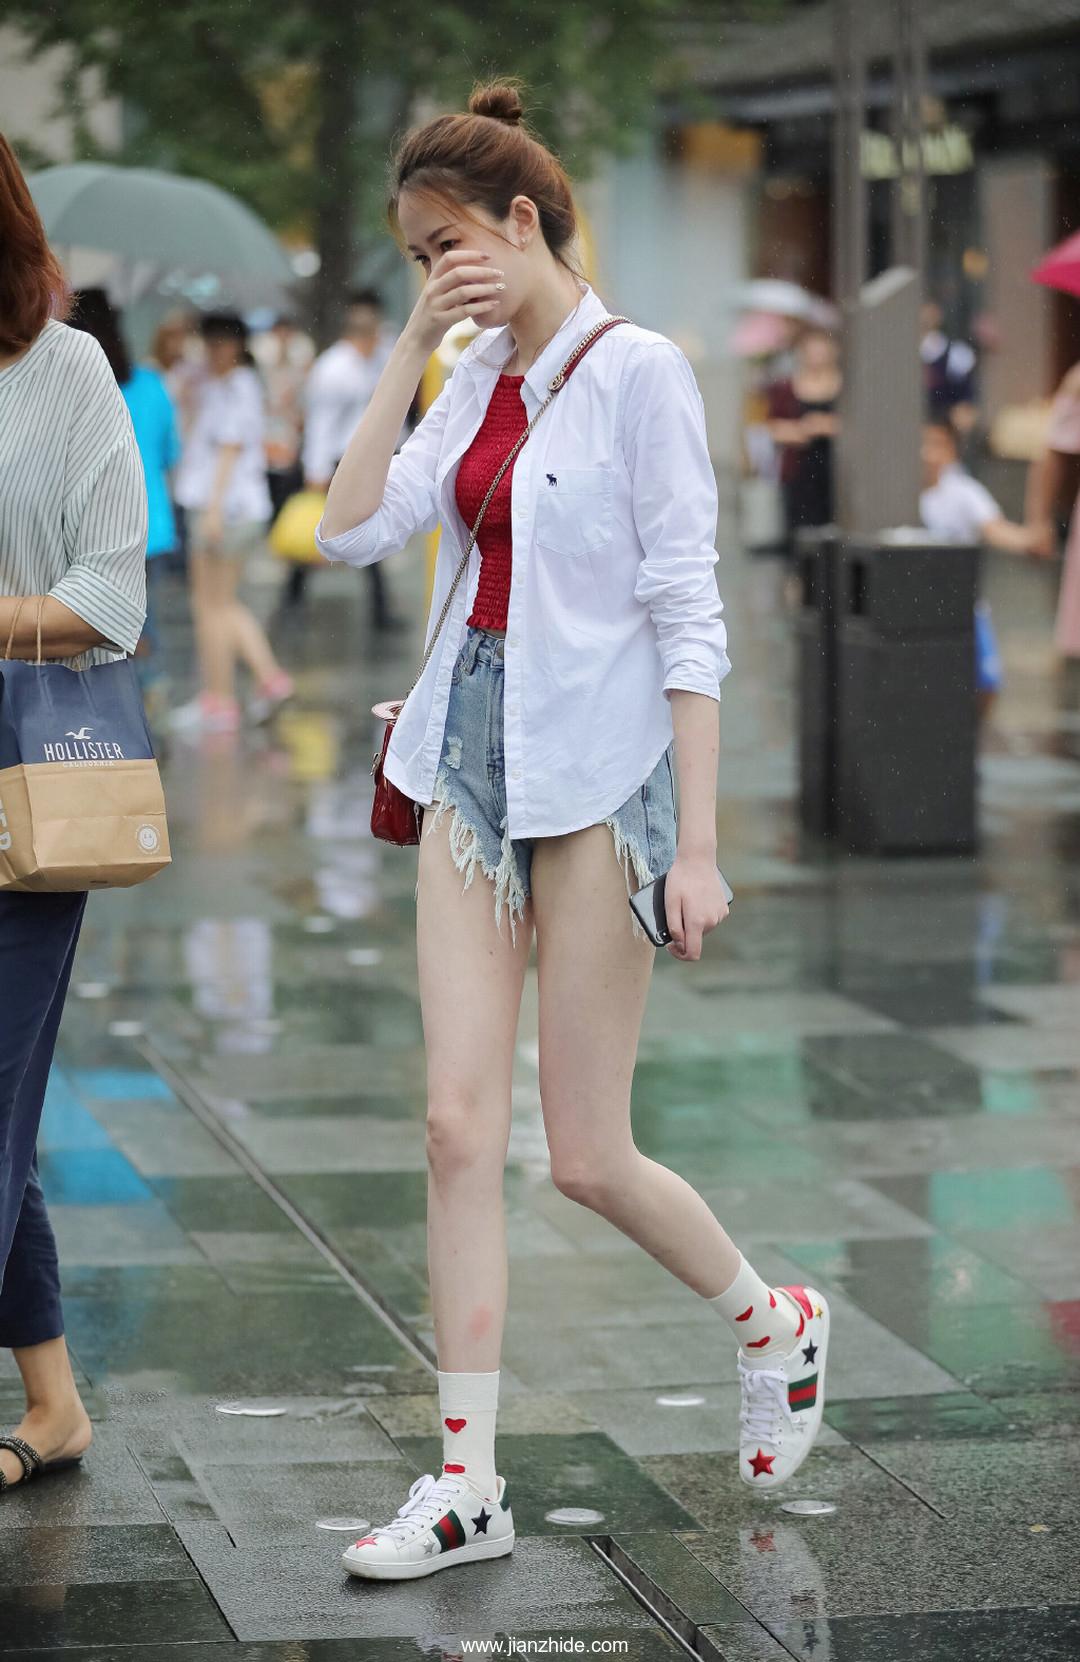 街拍:樱桃小嘴大长腿,谁家的小姐姐这么美?